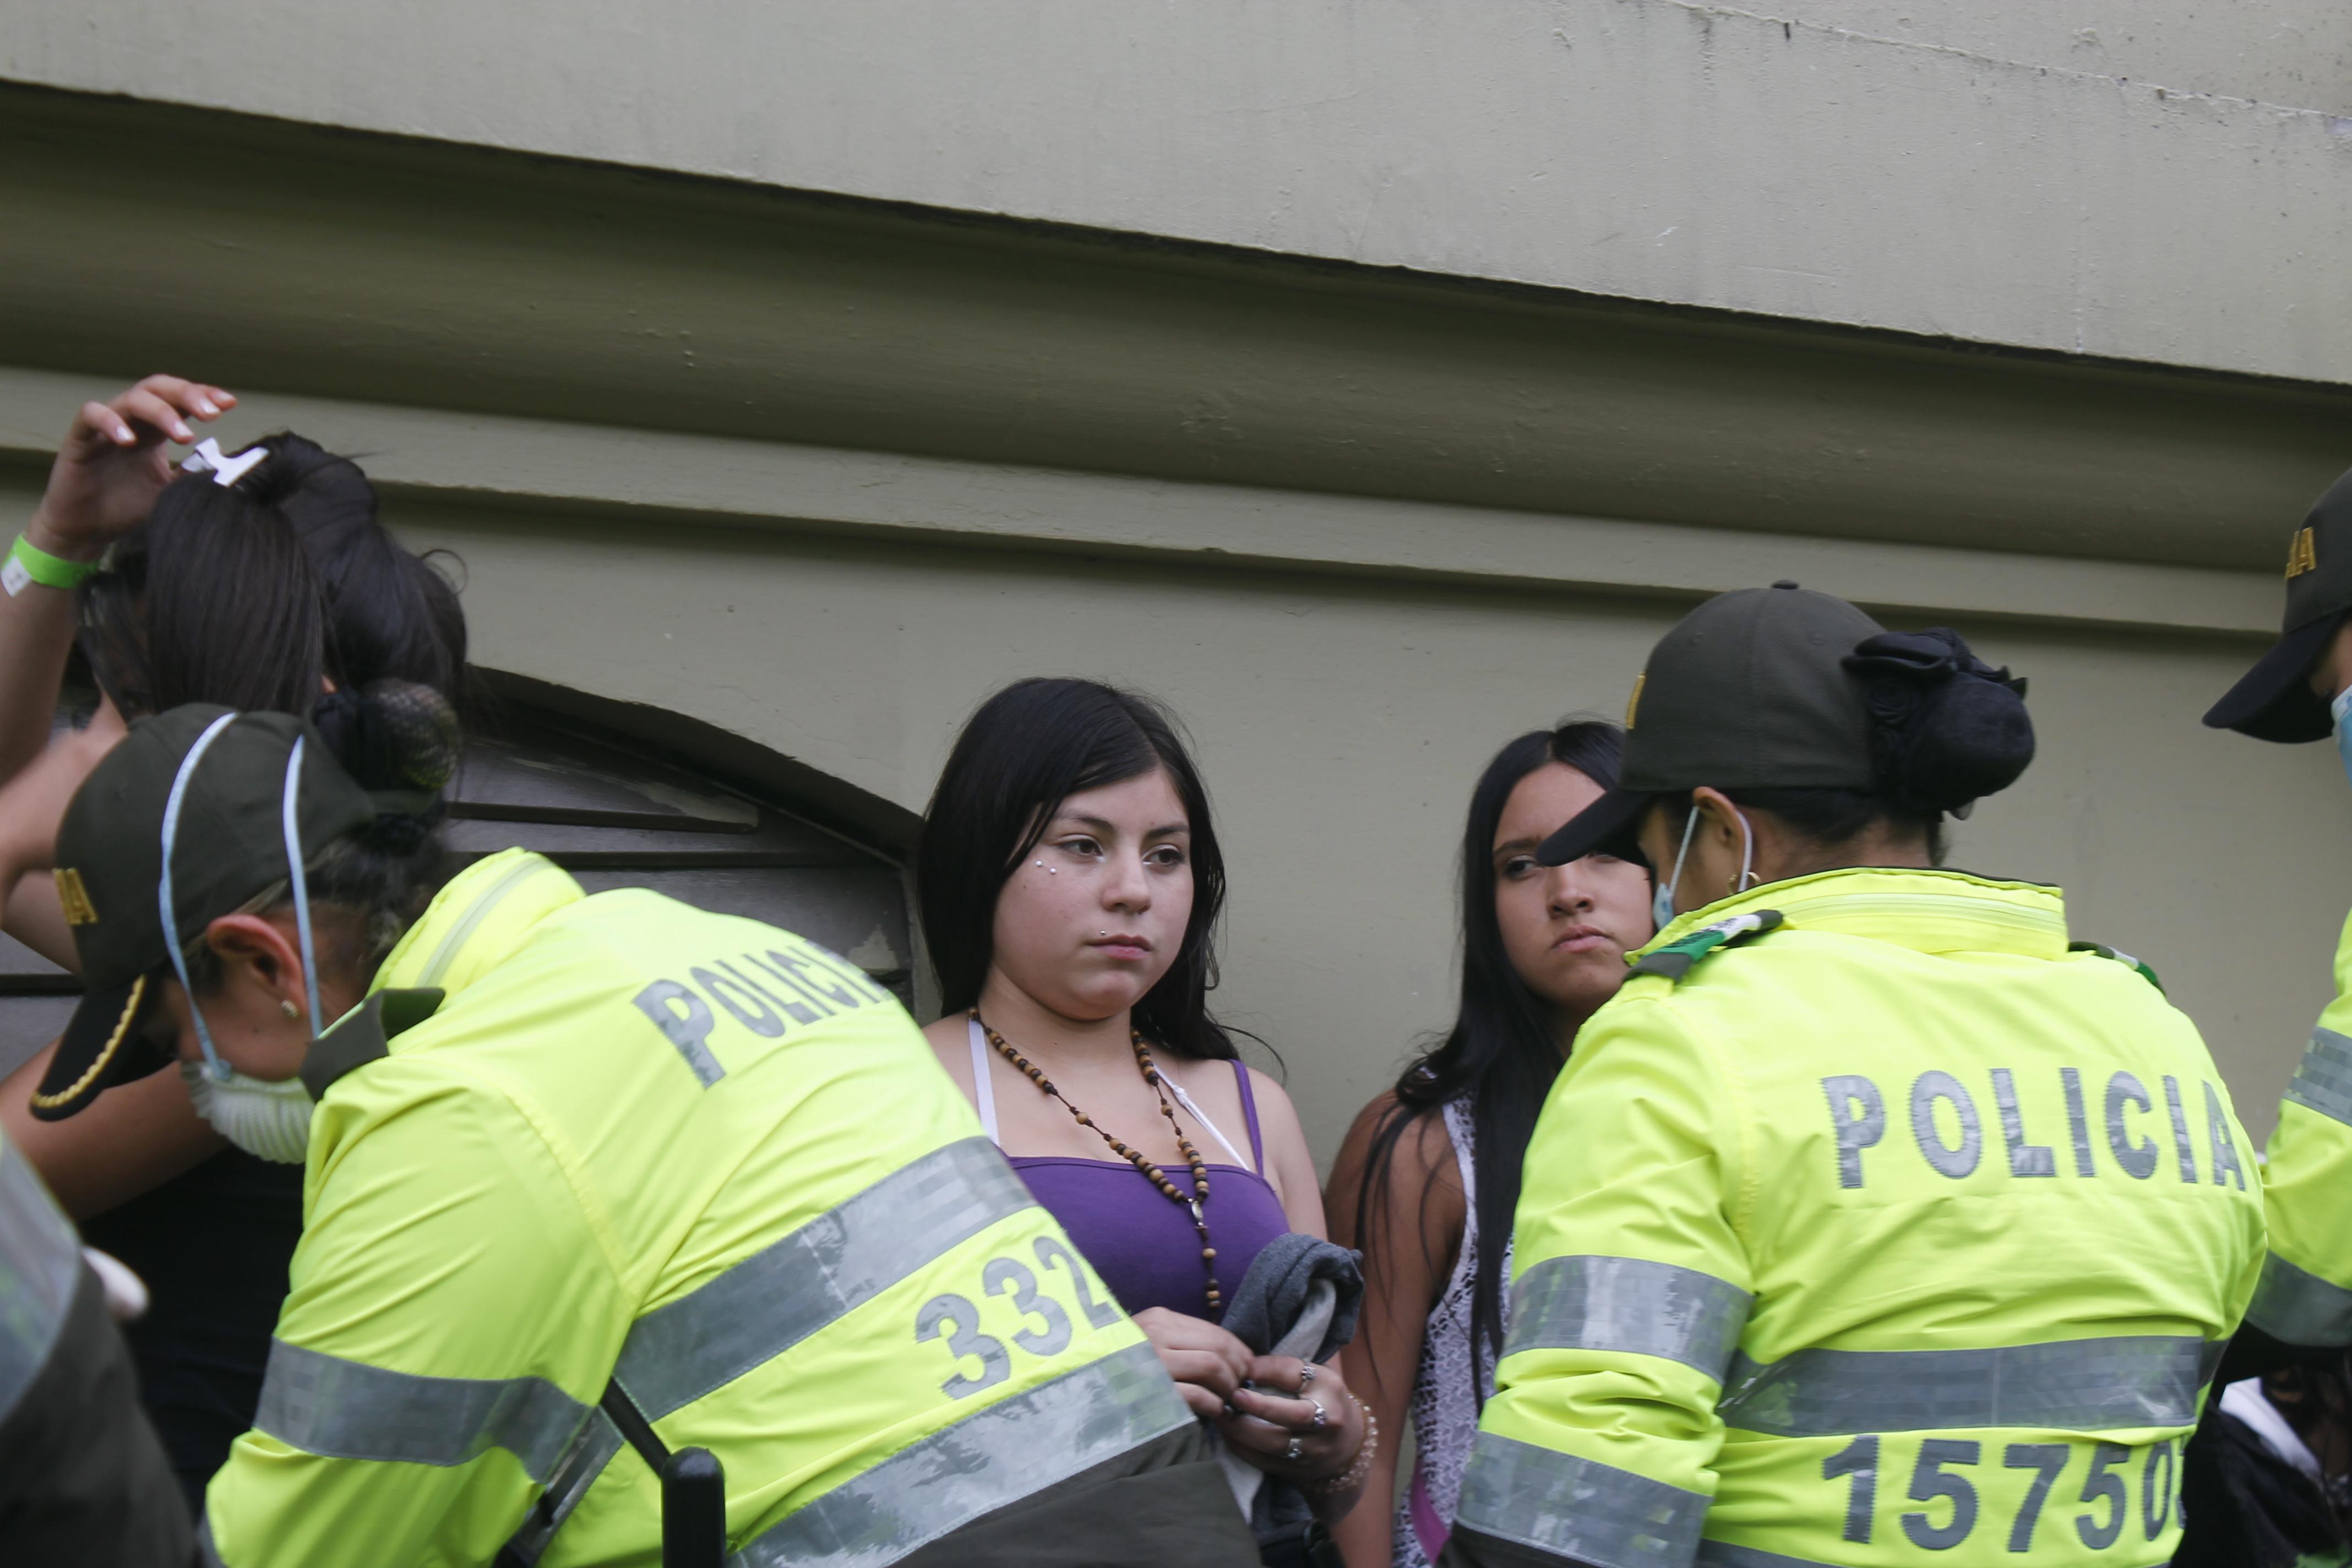 8 POLICIA EN EL BRONX INFANCIA